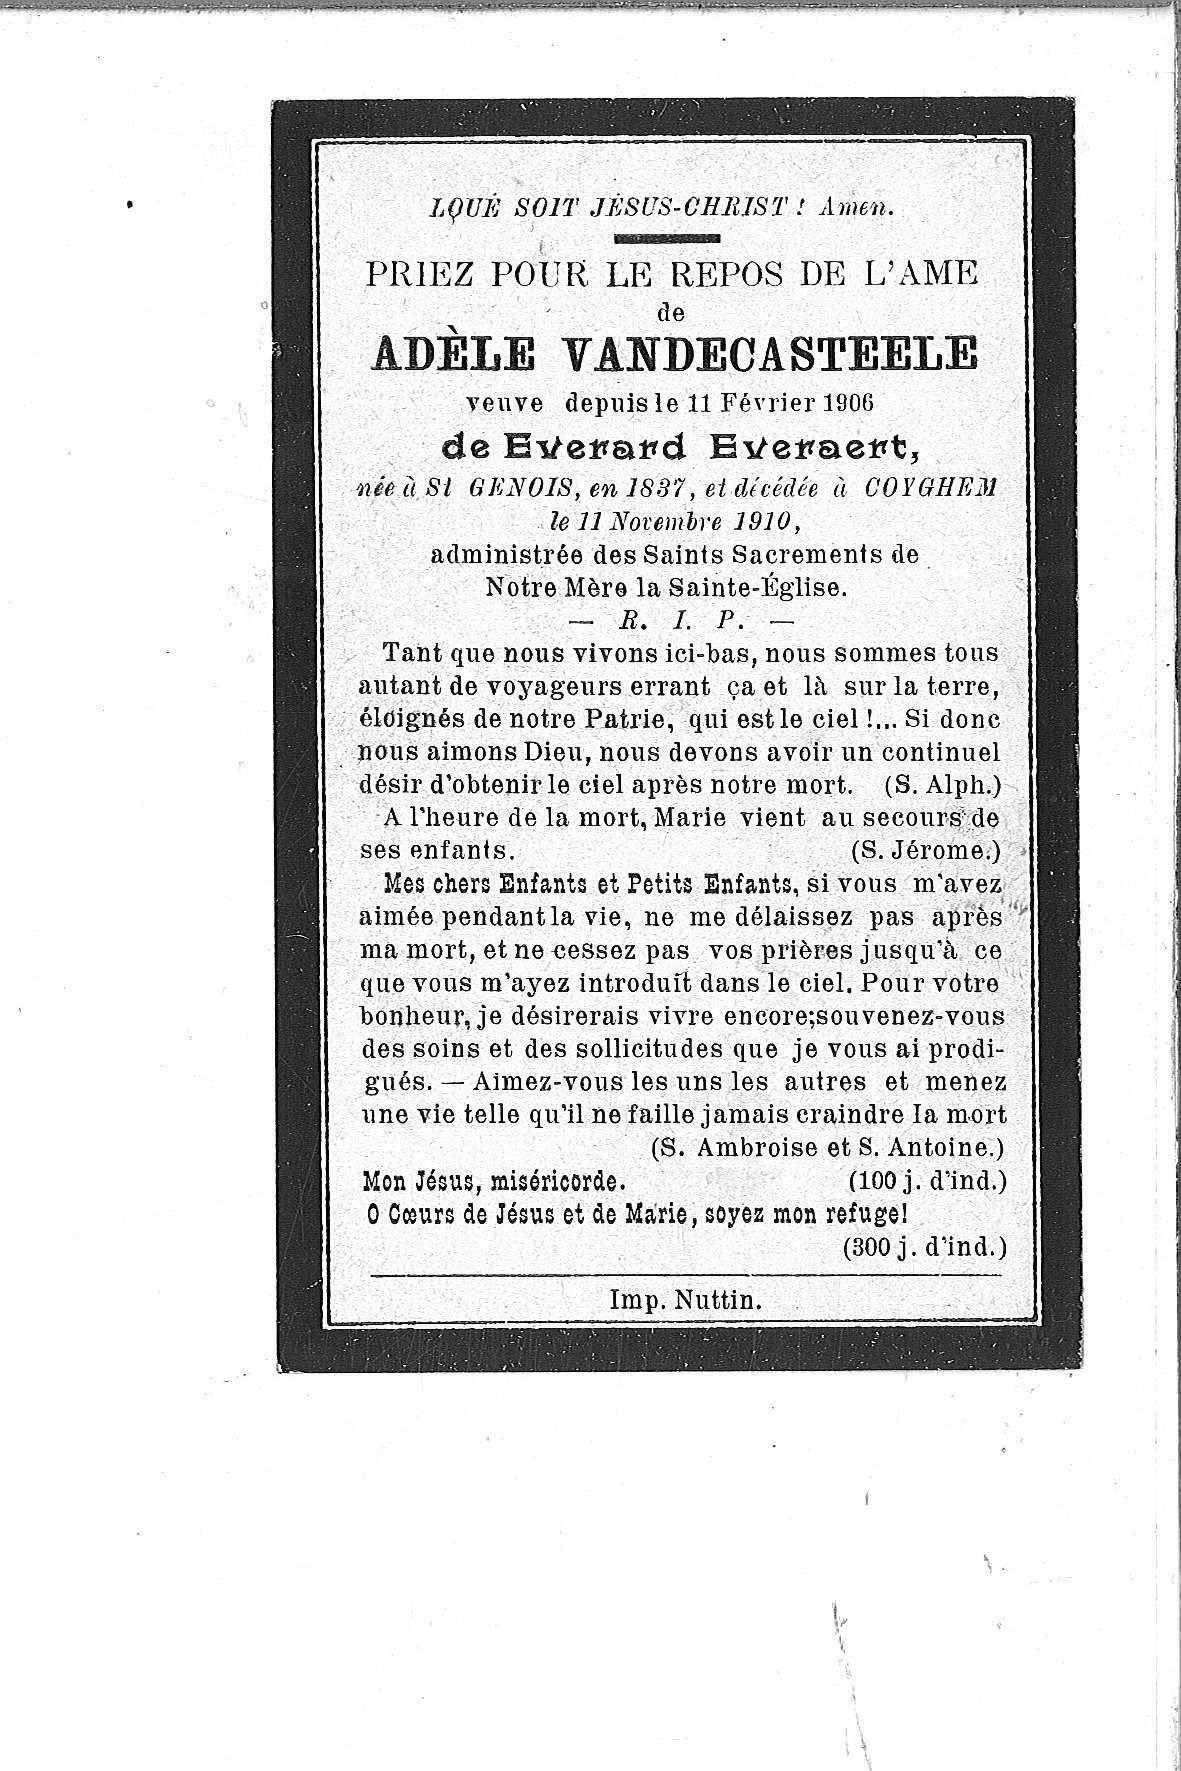 Adèle(1910)20140111094142_00002.jpg